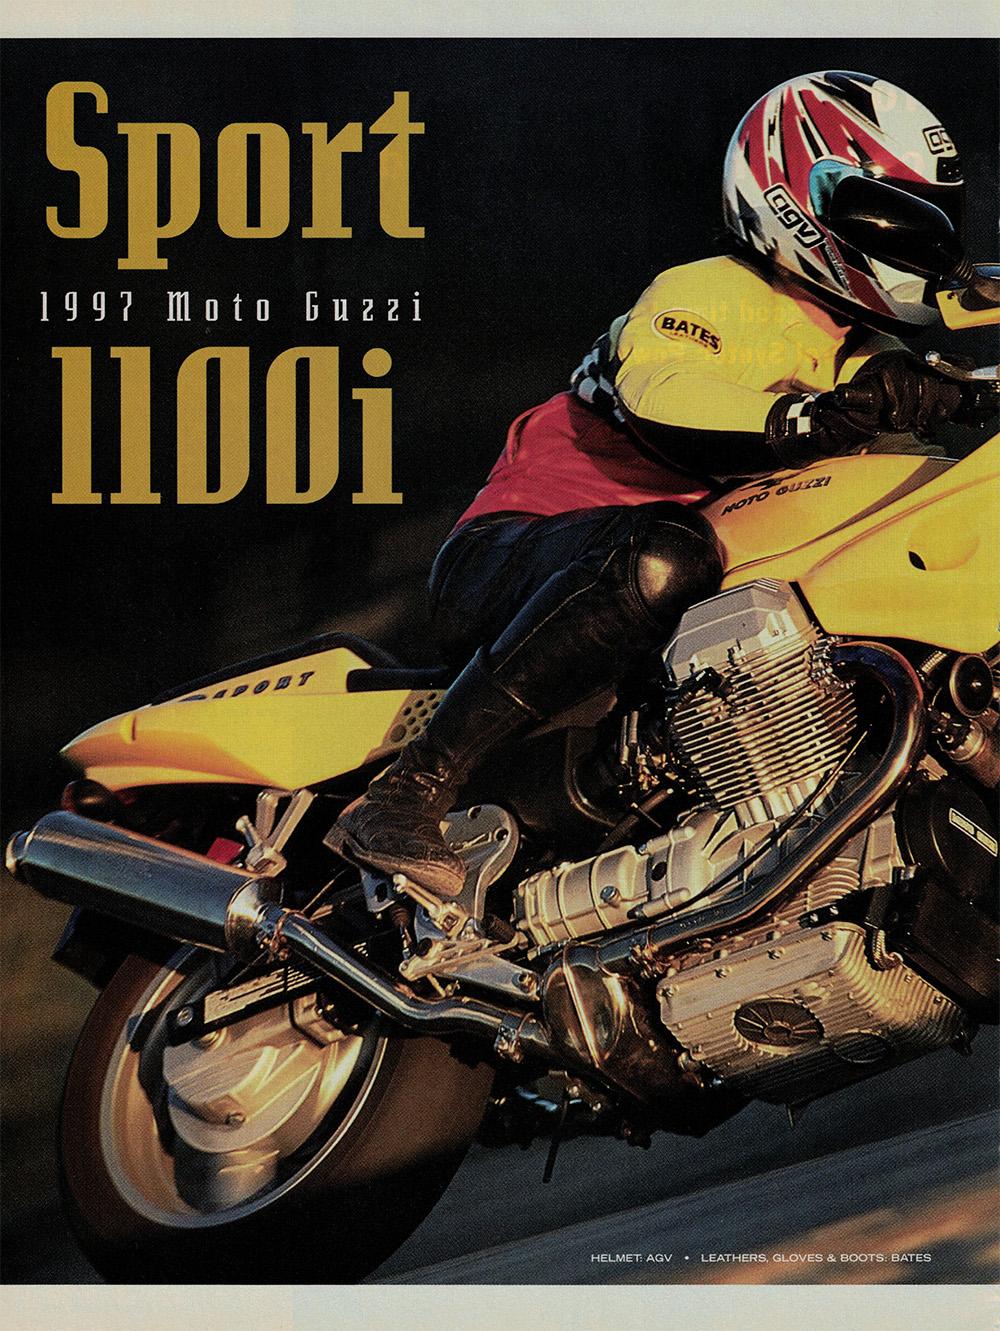 1997 Moto Guzzi Sport 1100i road test 1.jpg